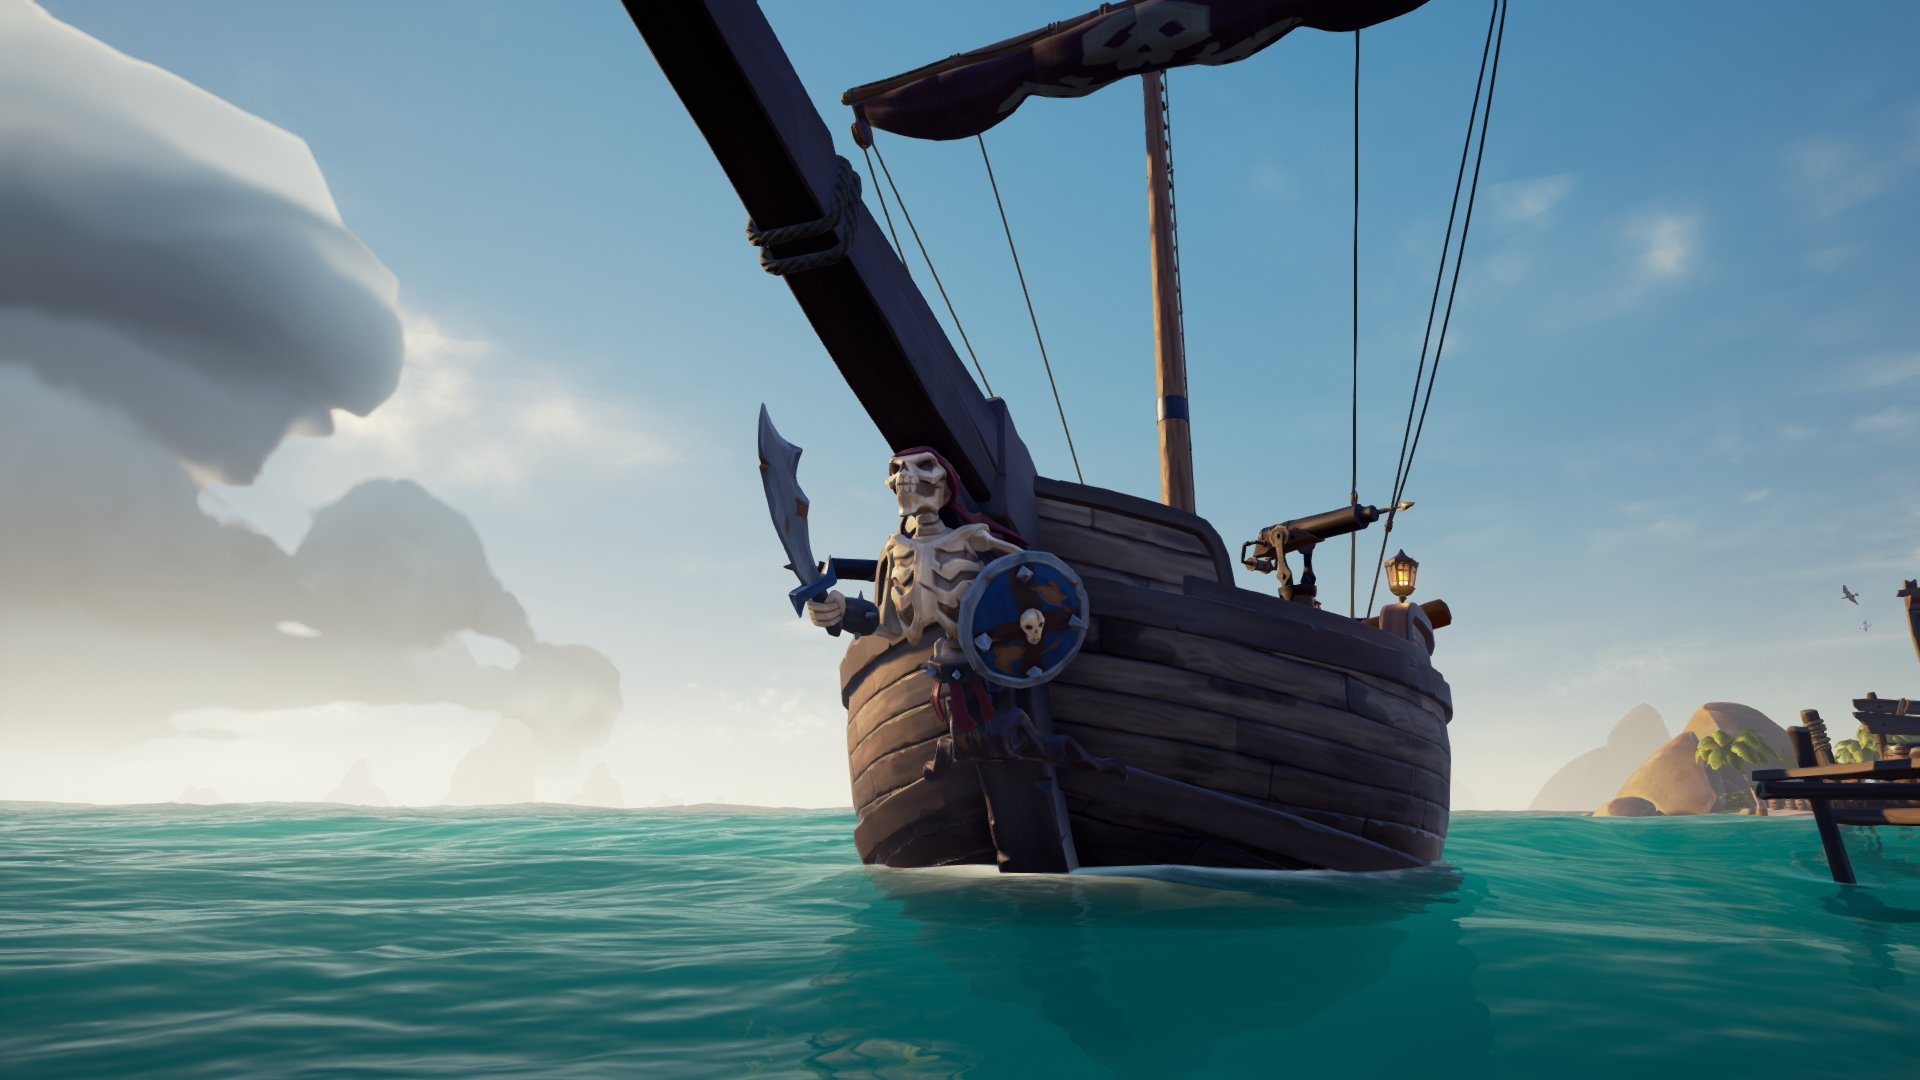 Comment faire pour obtenir la colonne vertébrale figure de proue dans la mer des voleurs